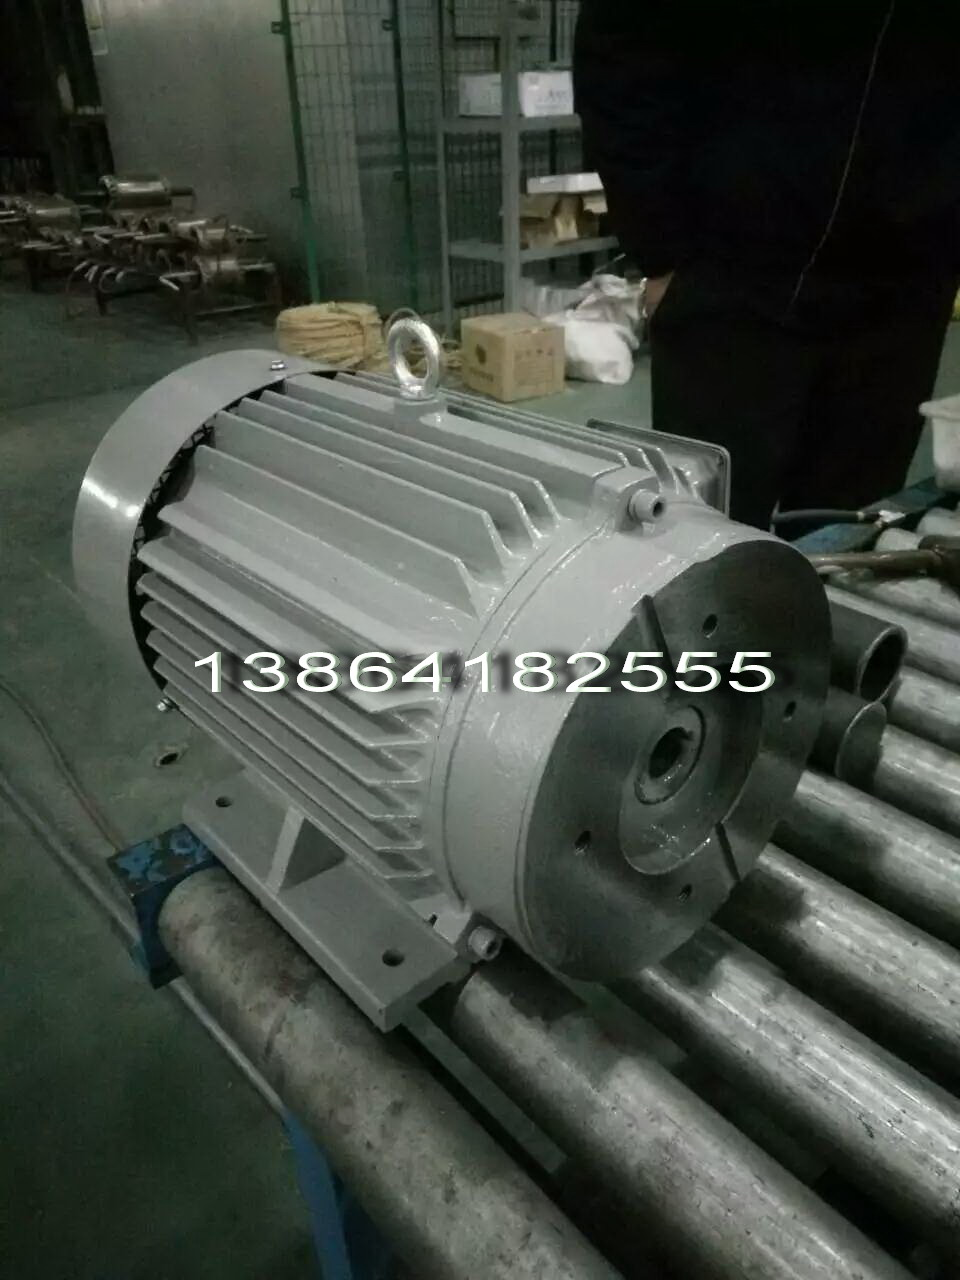 衡水猛牛高压电机事业部中国大型电机行业发展的基本情况